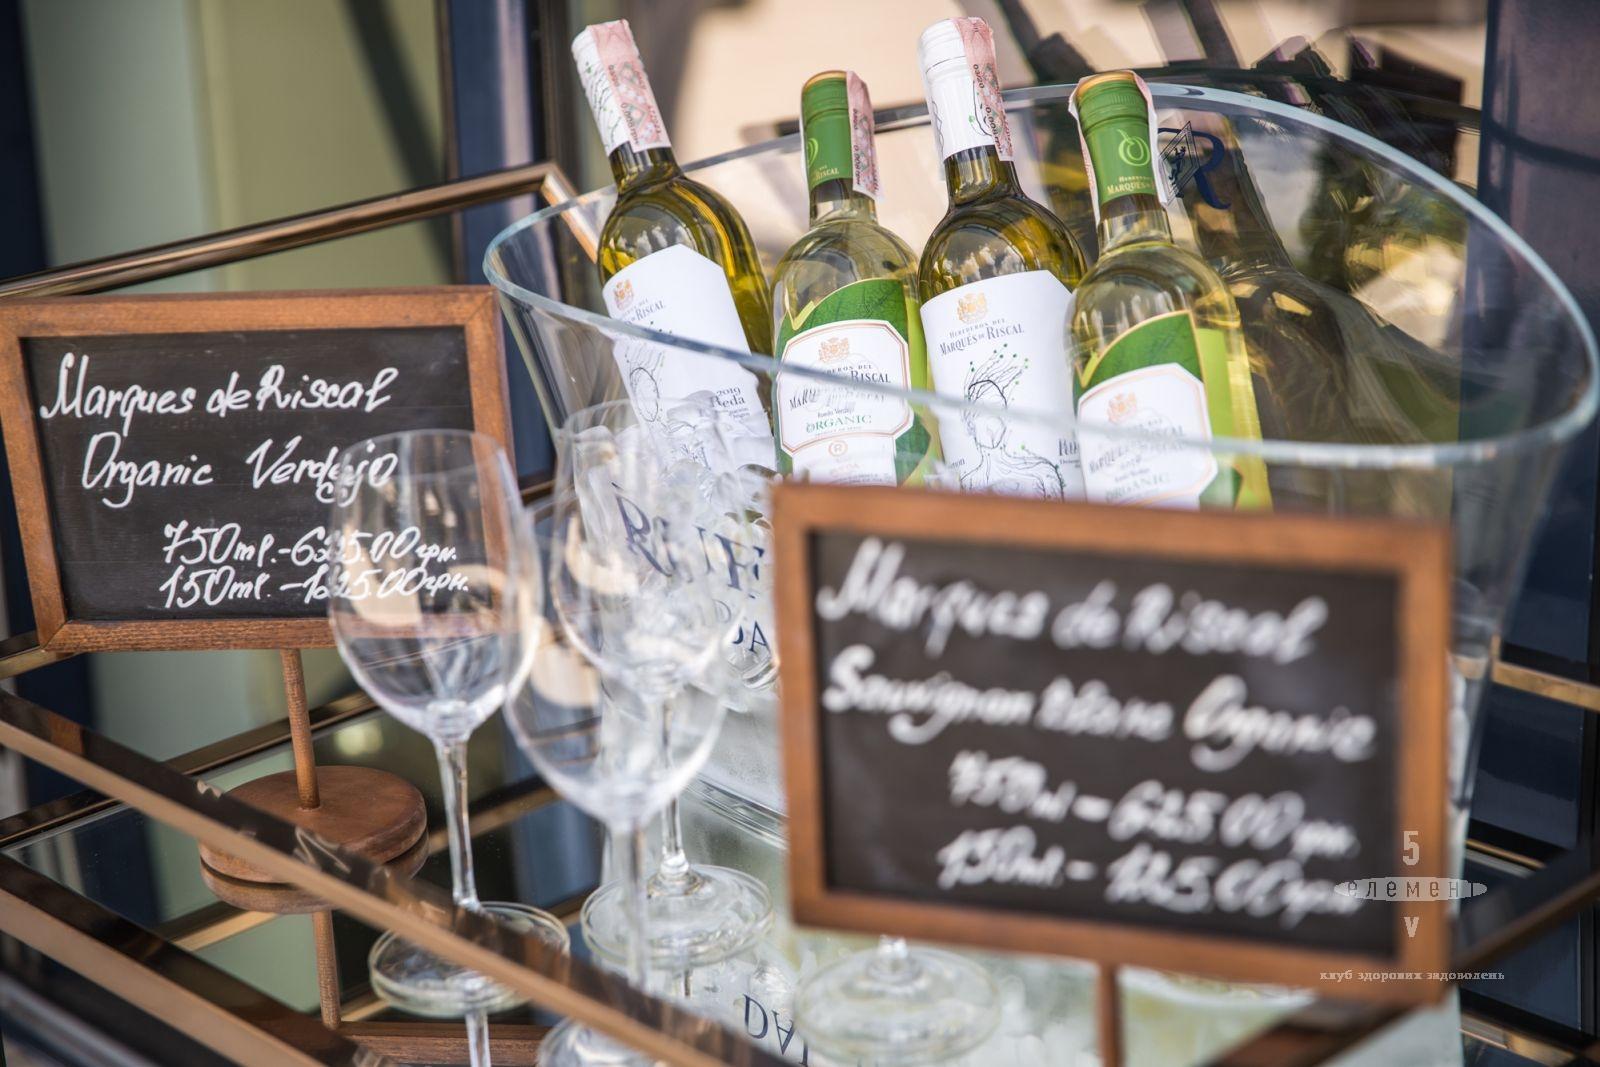 Приглашаем на фестиваль органических вин— fitness club 5 element